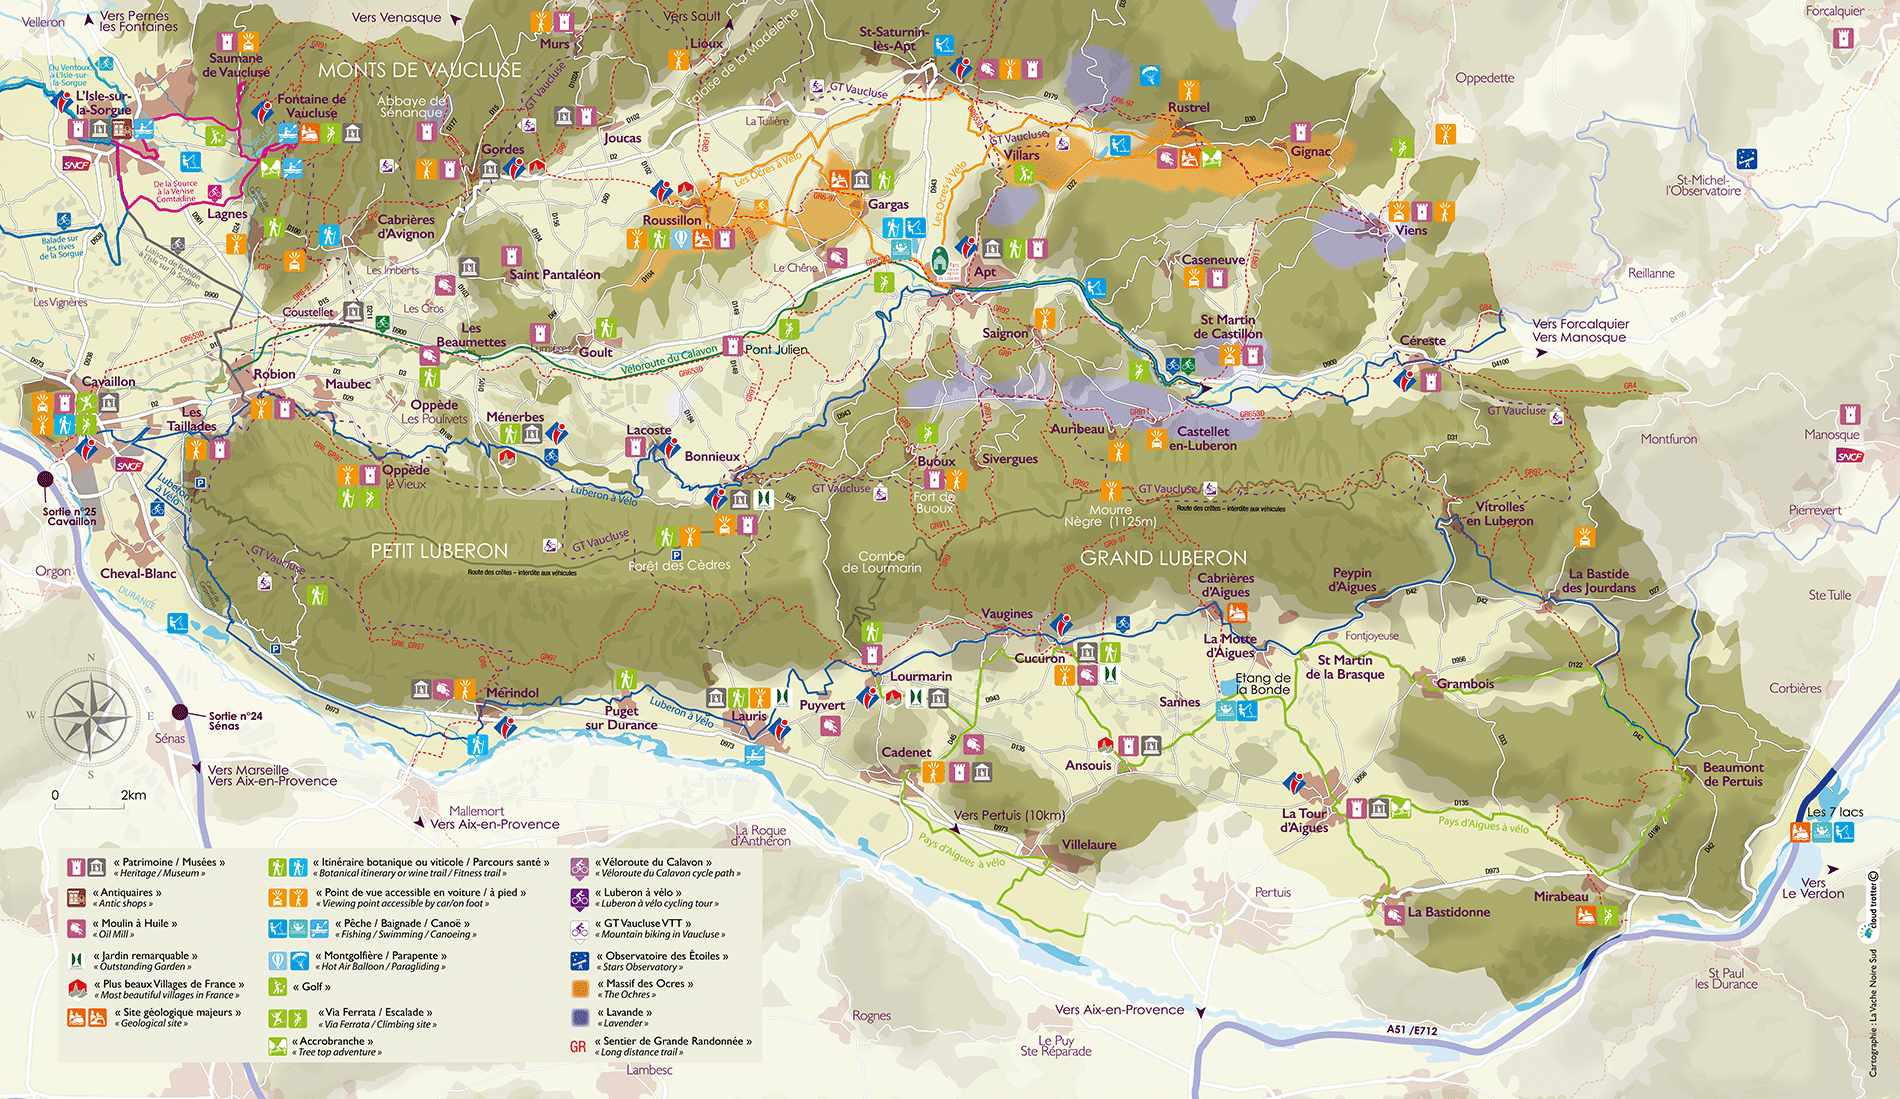 Carte détaillée du Luberon et de ses incontournables